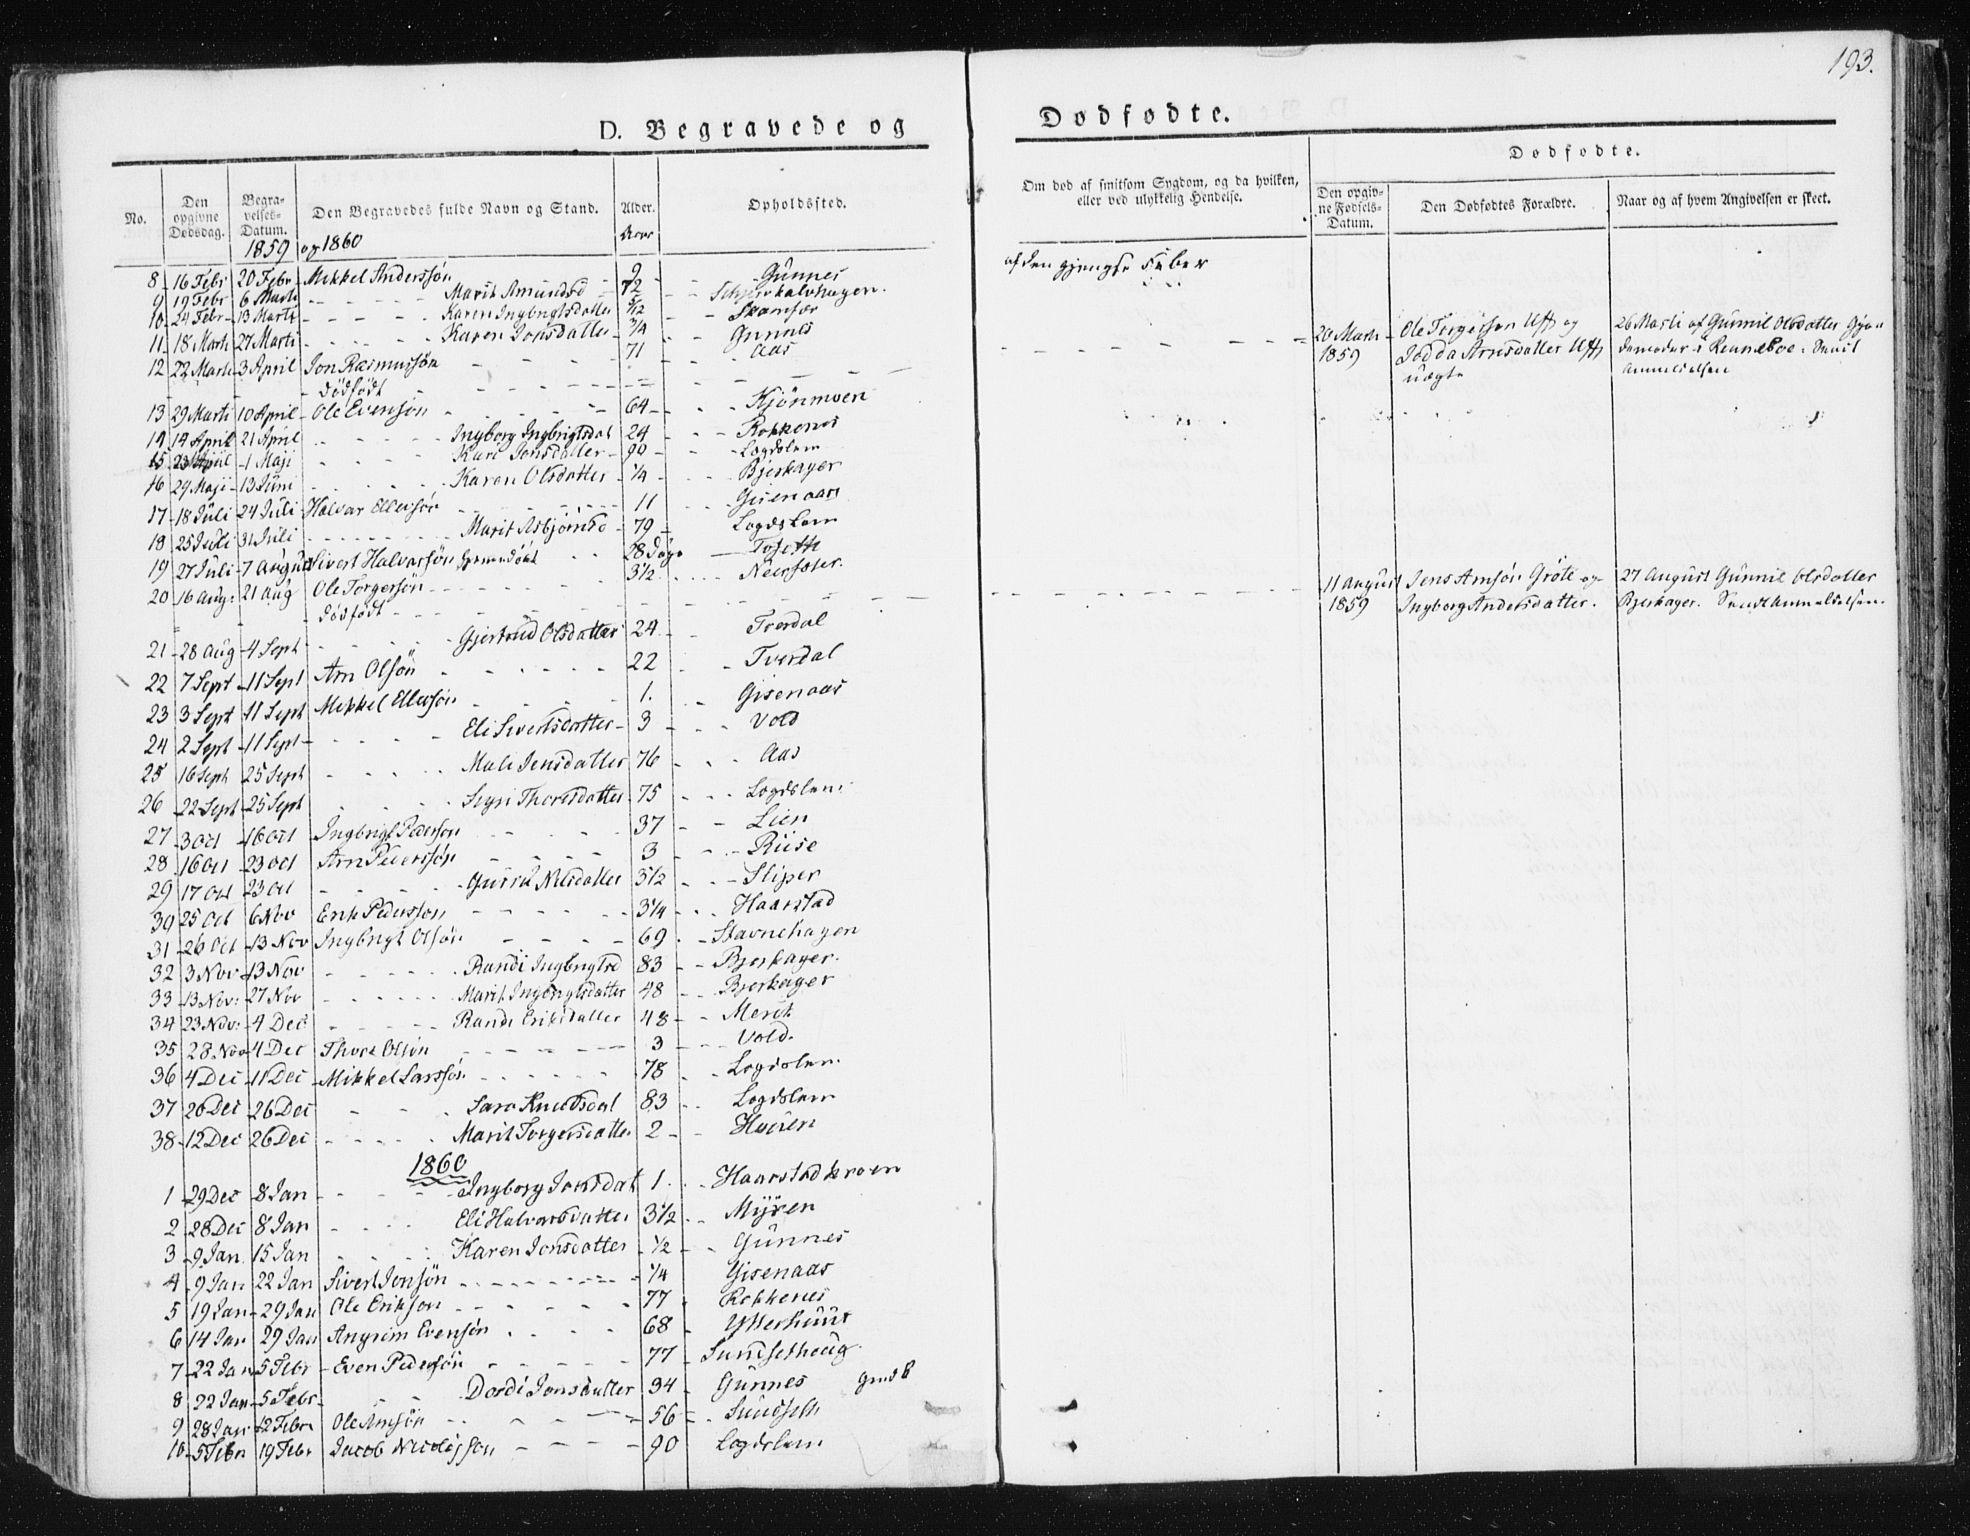 SAT, Ministerialprotokoller, klokkerbøker og fødselsregistre - Sør-Trøndelag, 674/L0869: Ministerialbok nr. 674A01, 1829-1860, s. 193